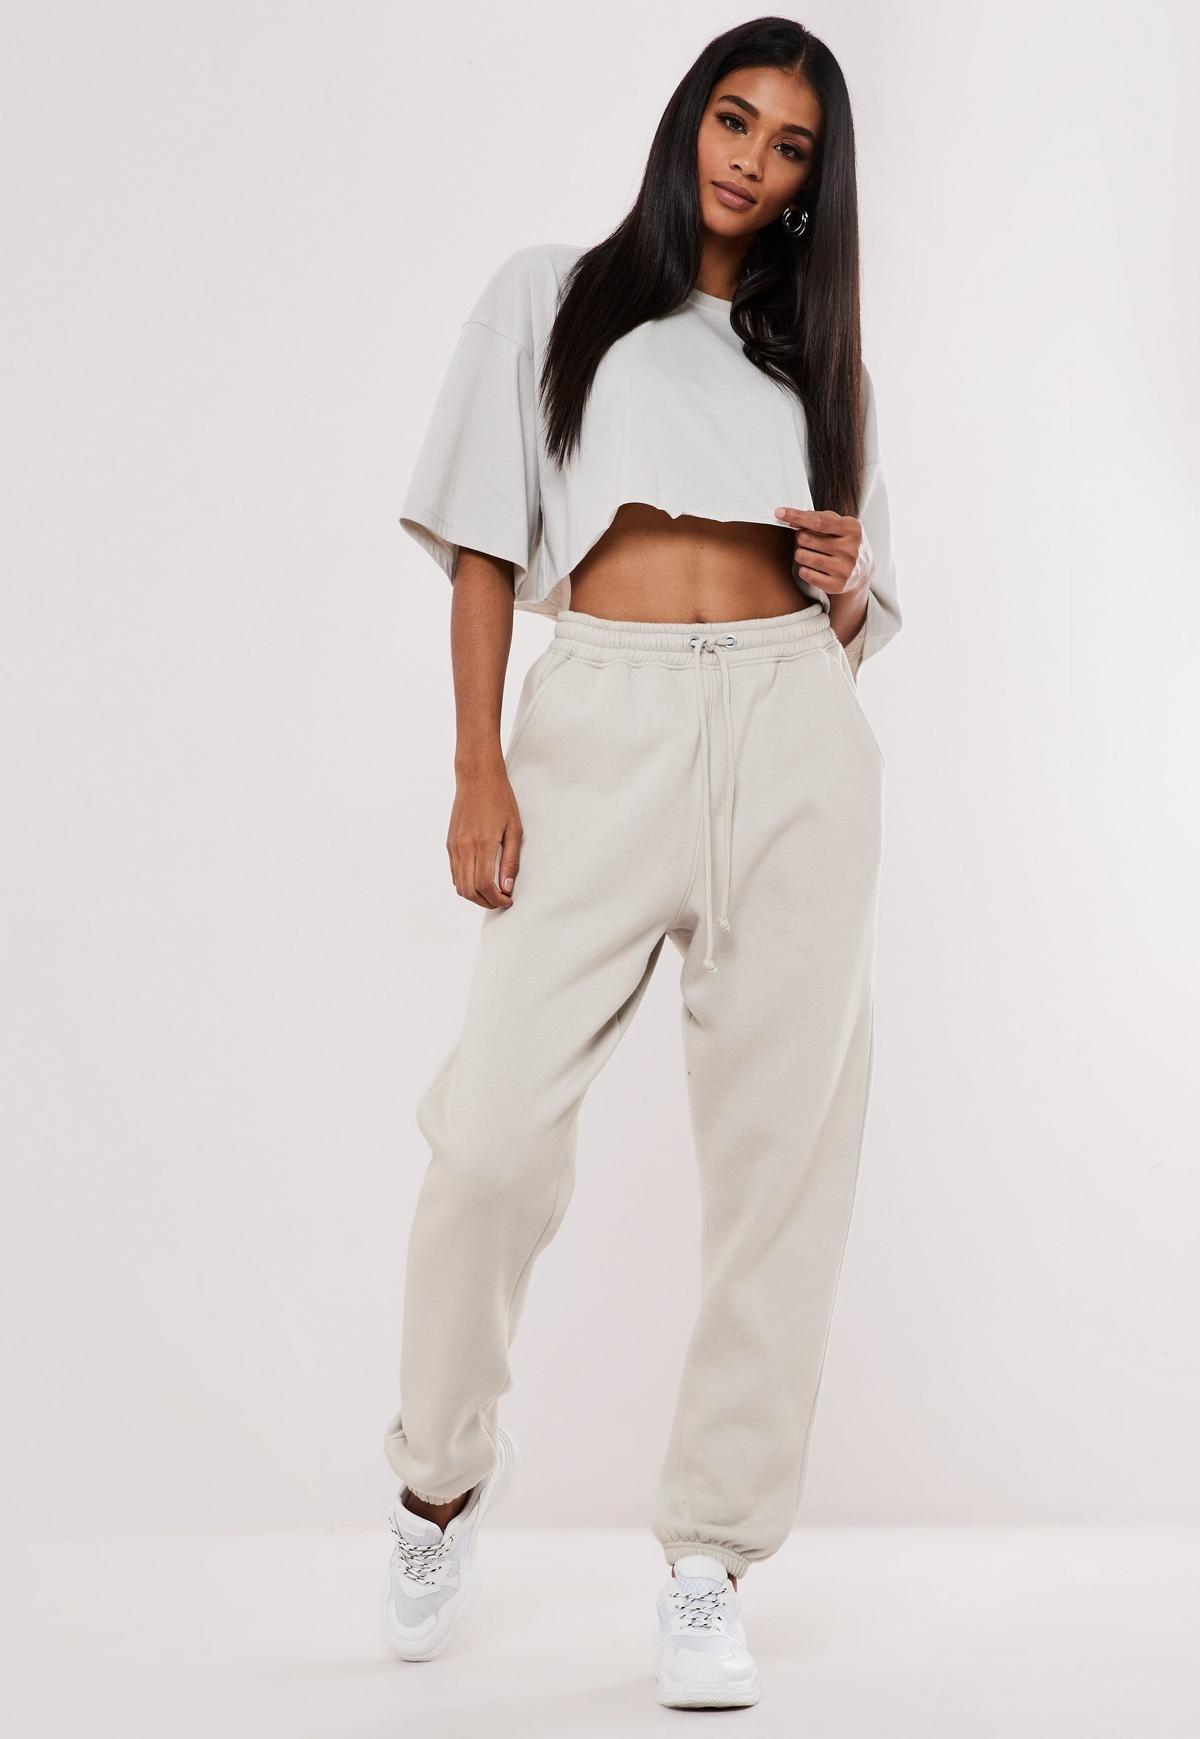 a model wearing oversized tan sweats